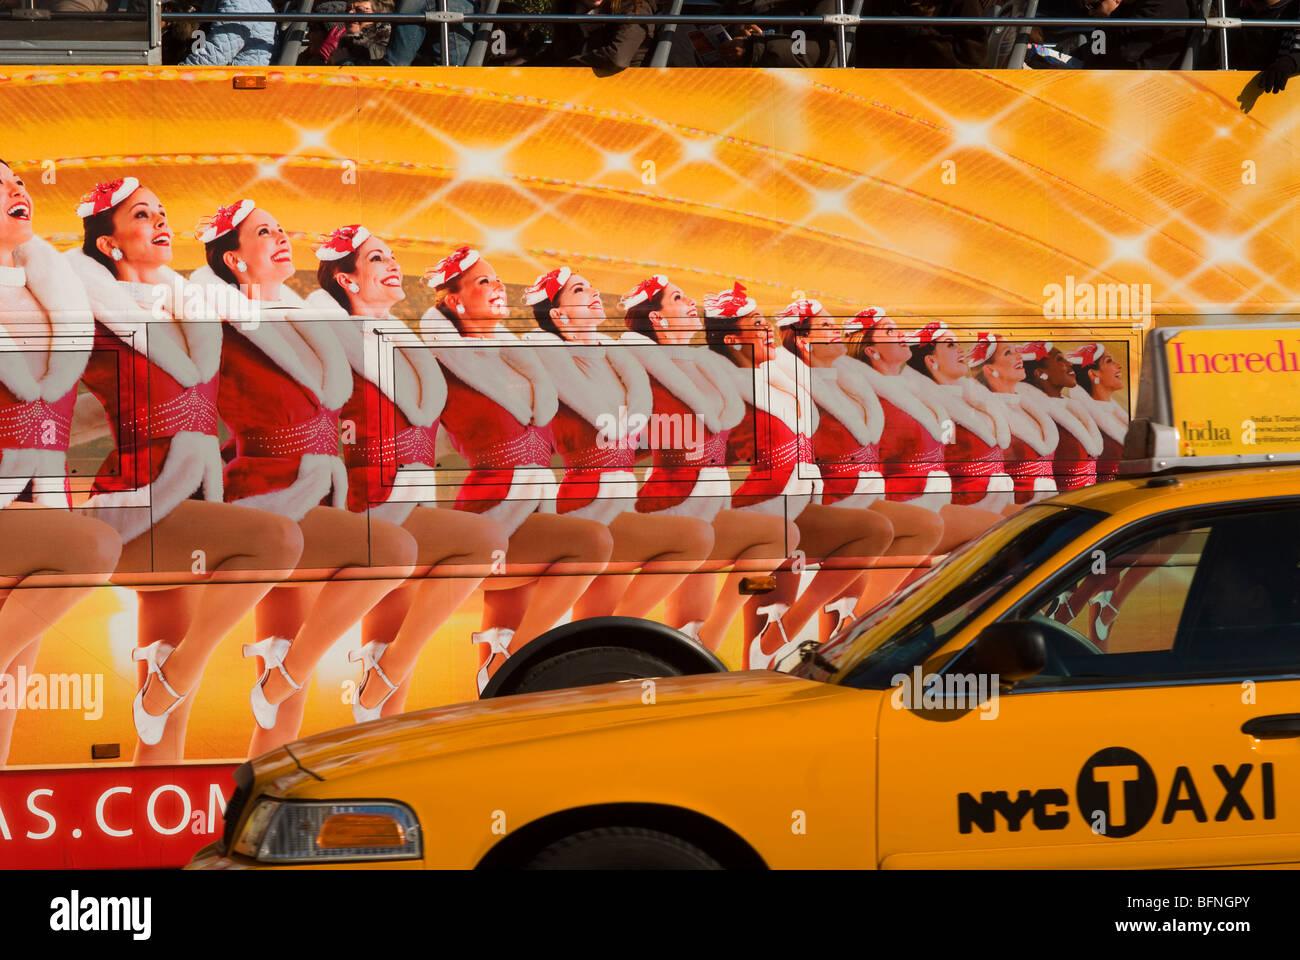 Taxi geht einen Reisebus mit einer Anzeige für die Radio City Music ...